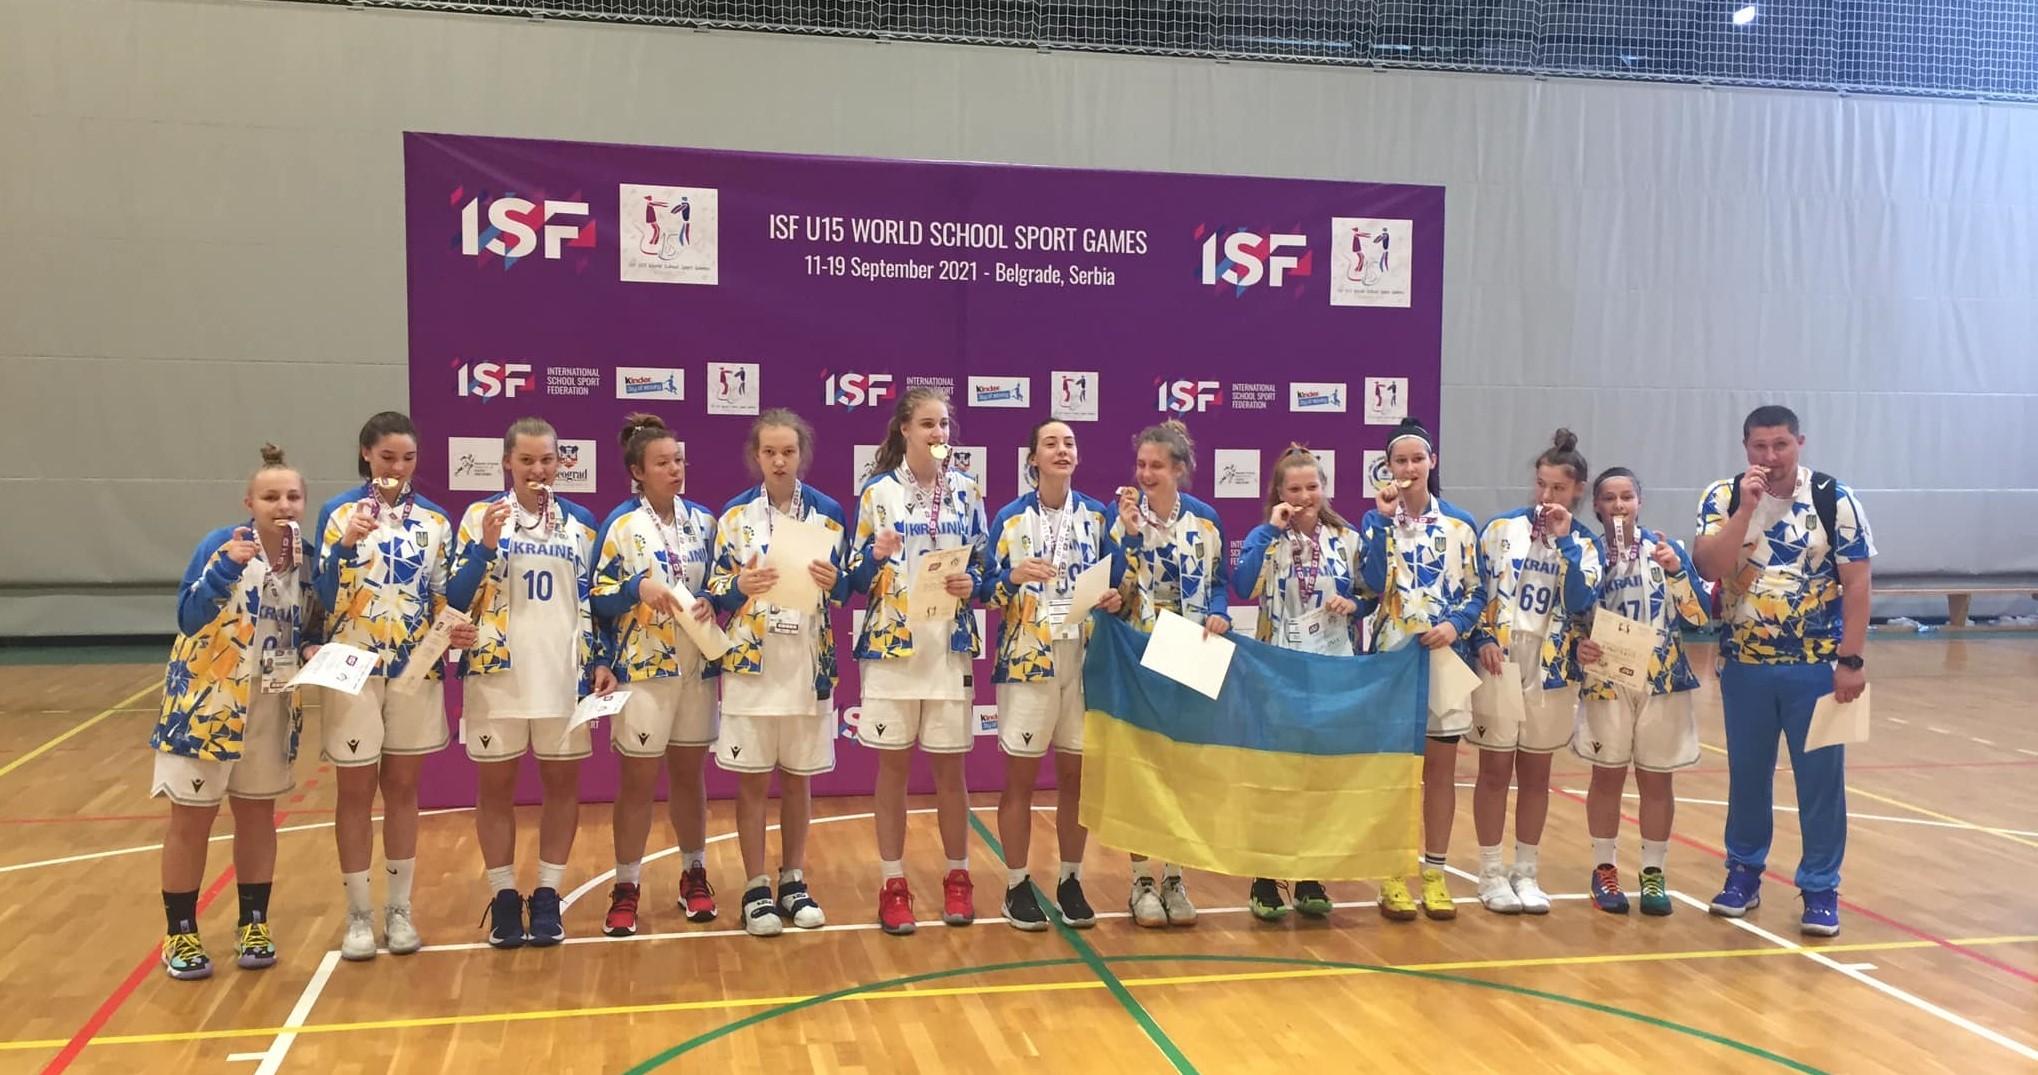 Українські баскетболістки виграли золото Всесвітніх учнівських ігор, у хлопців - бронза